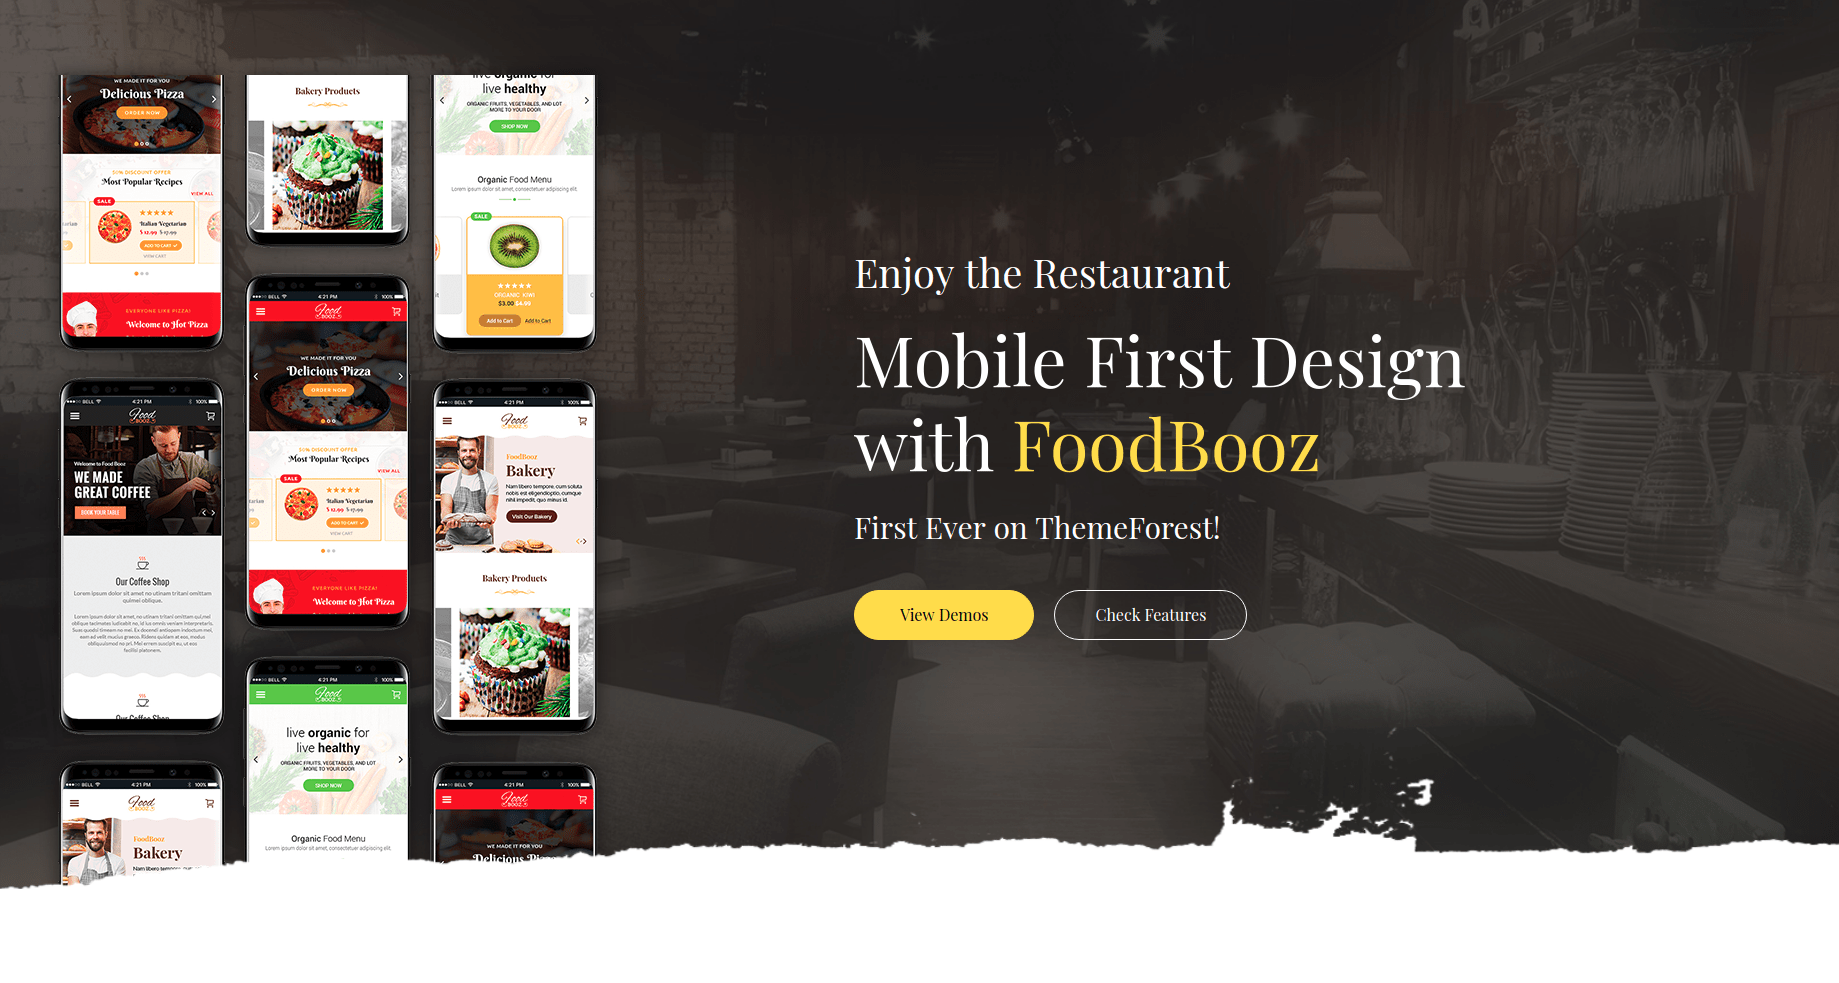 foodbooz design